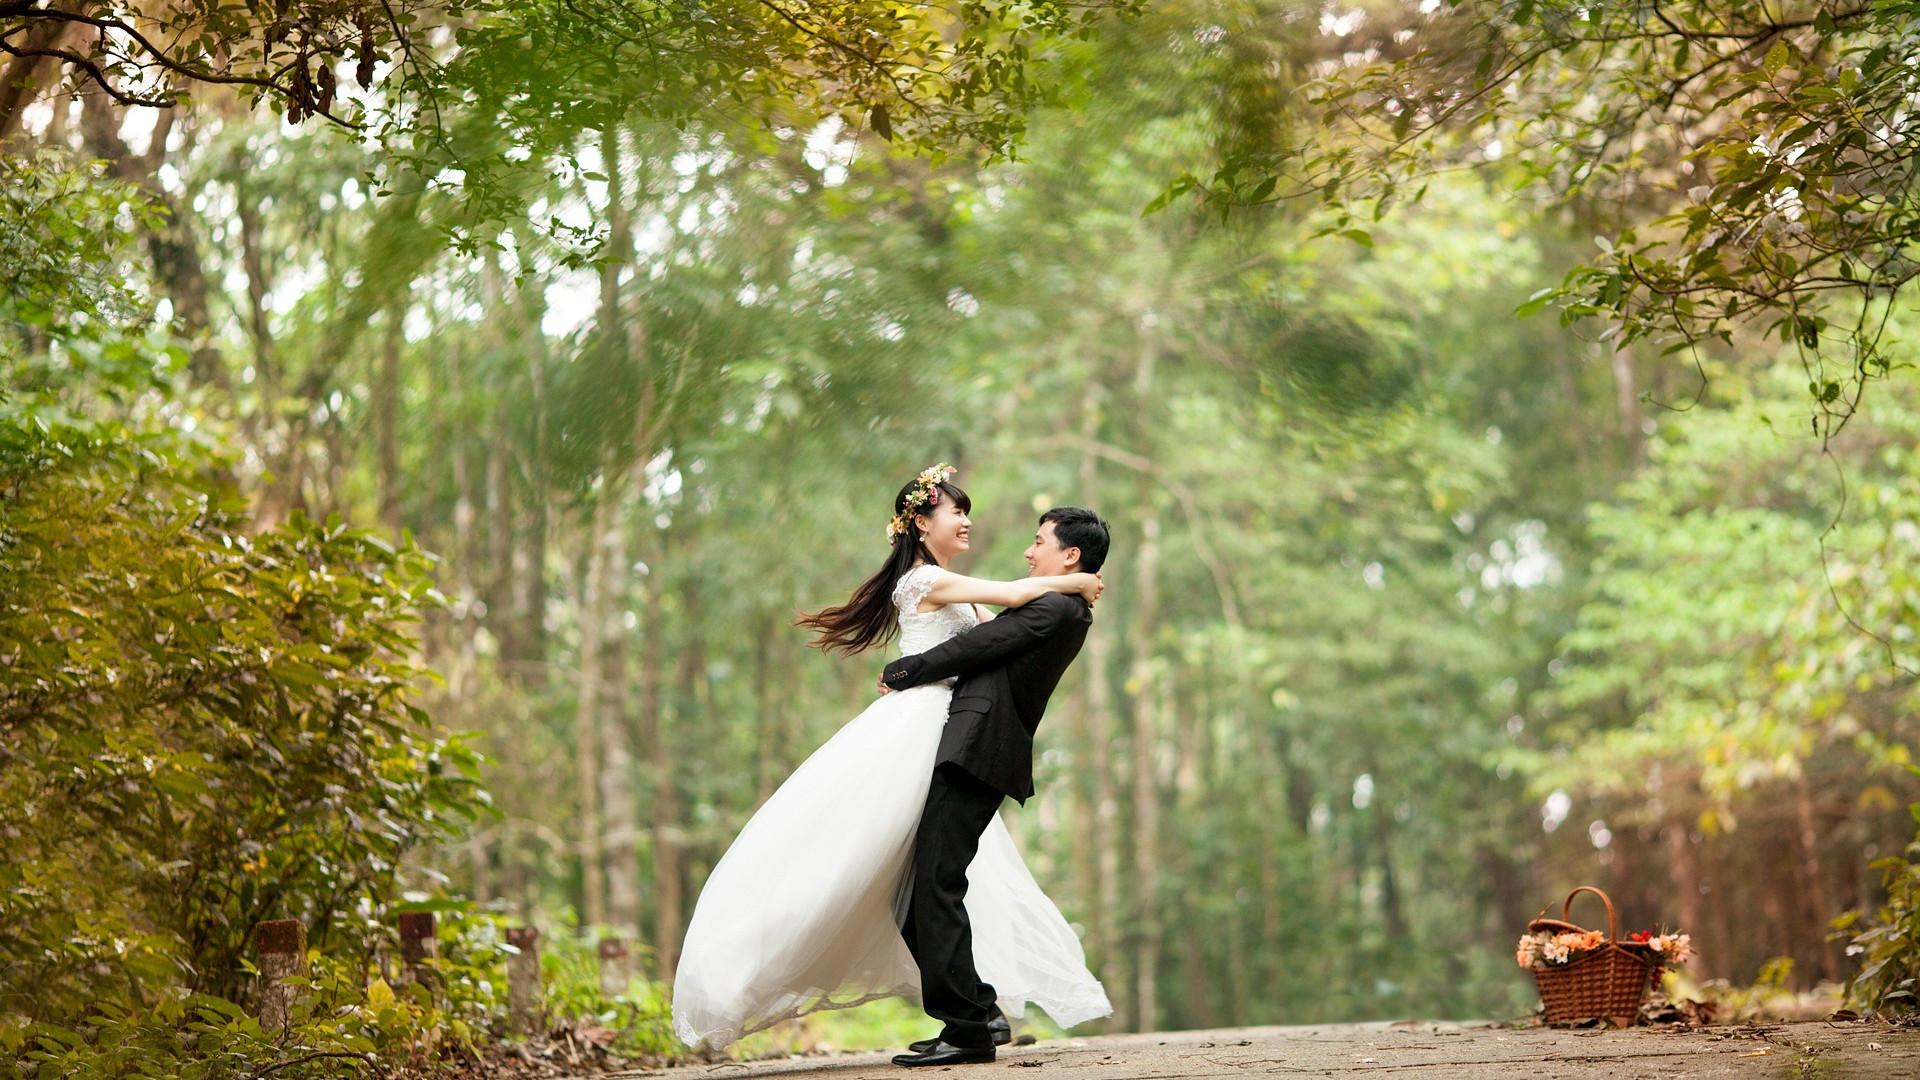 mariage-deux-idees-cadeaux-insolites-vos-invites.png